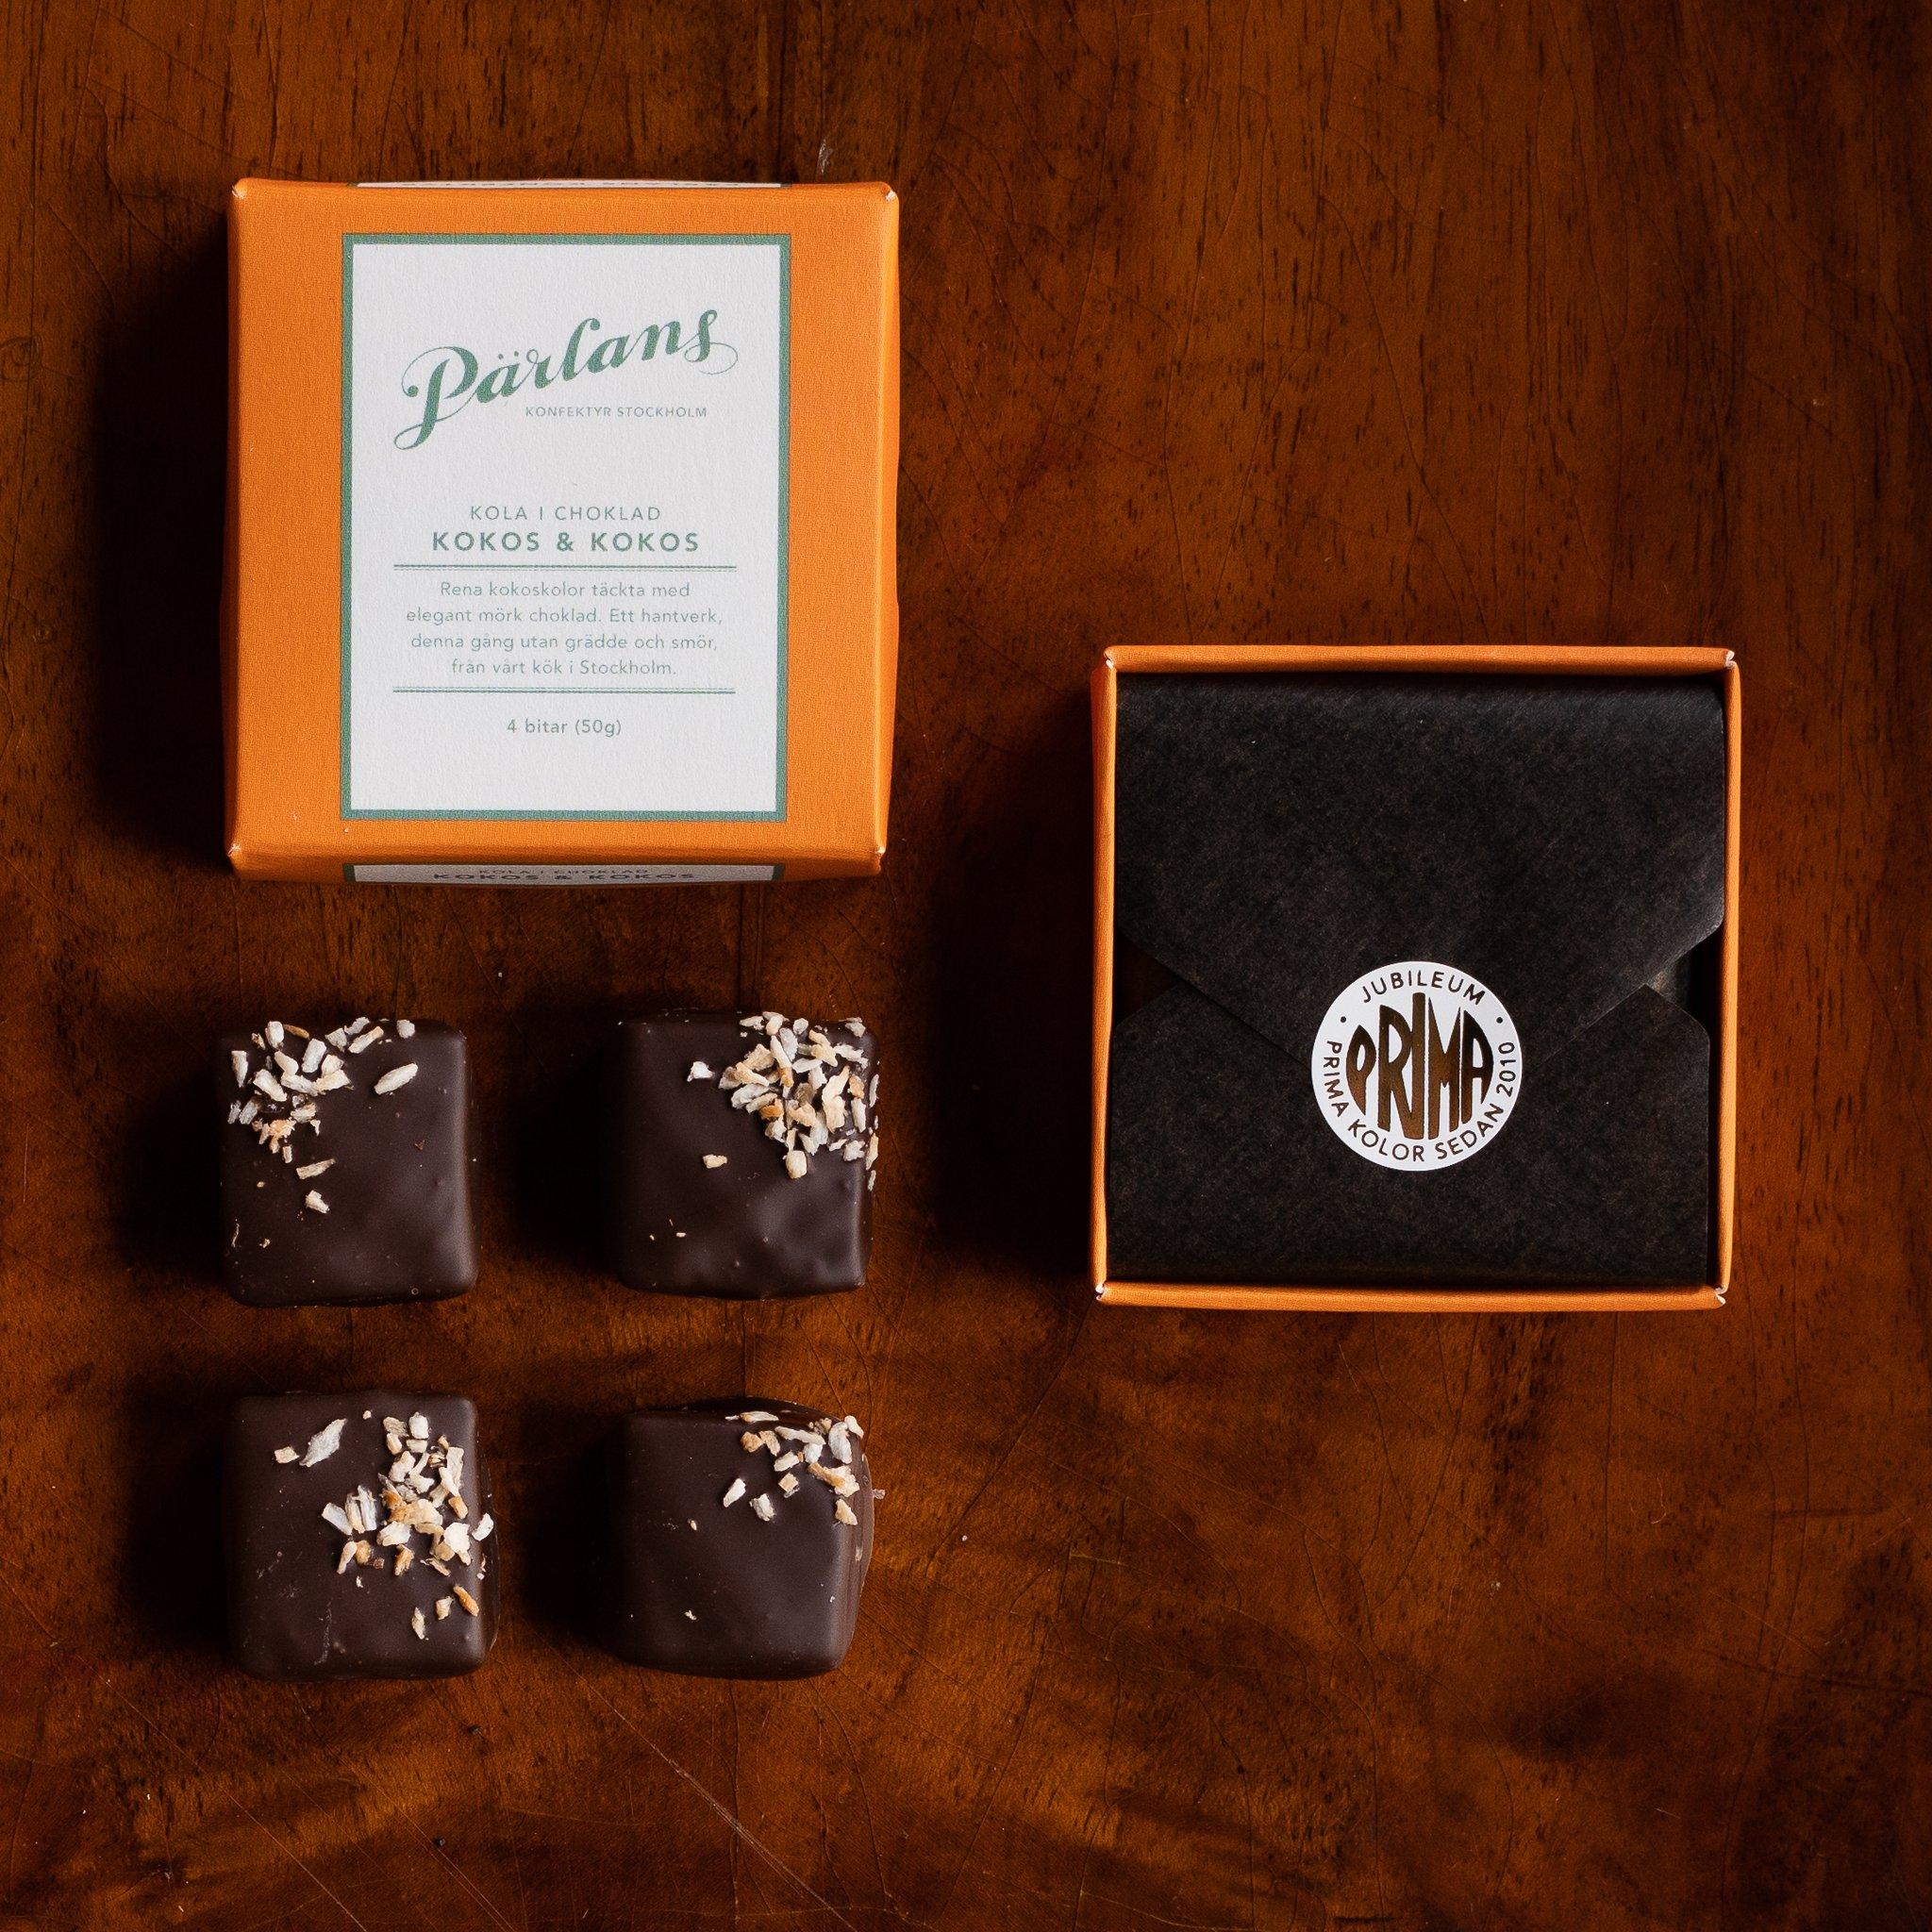 Pärlans - VEGANSK karamell i sjokolade - KOKOS & KOKOS 4 bitar